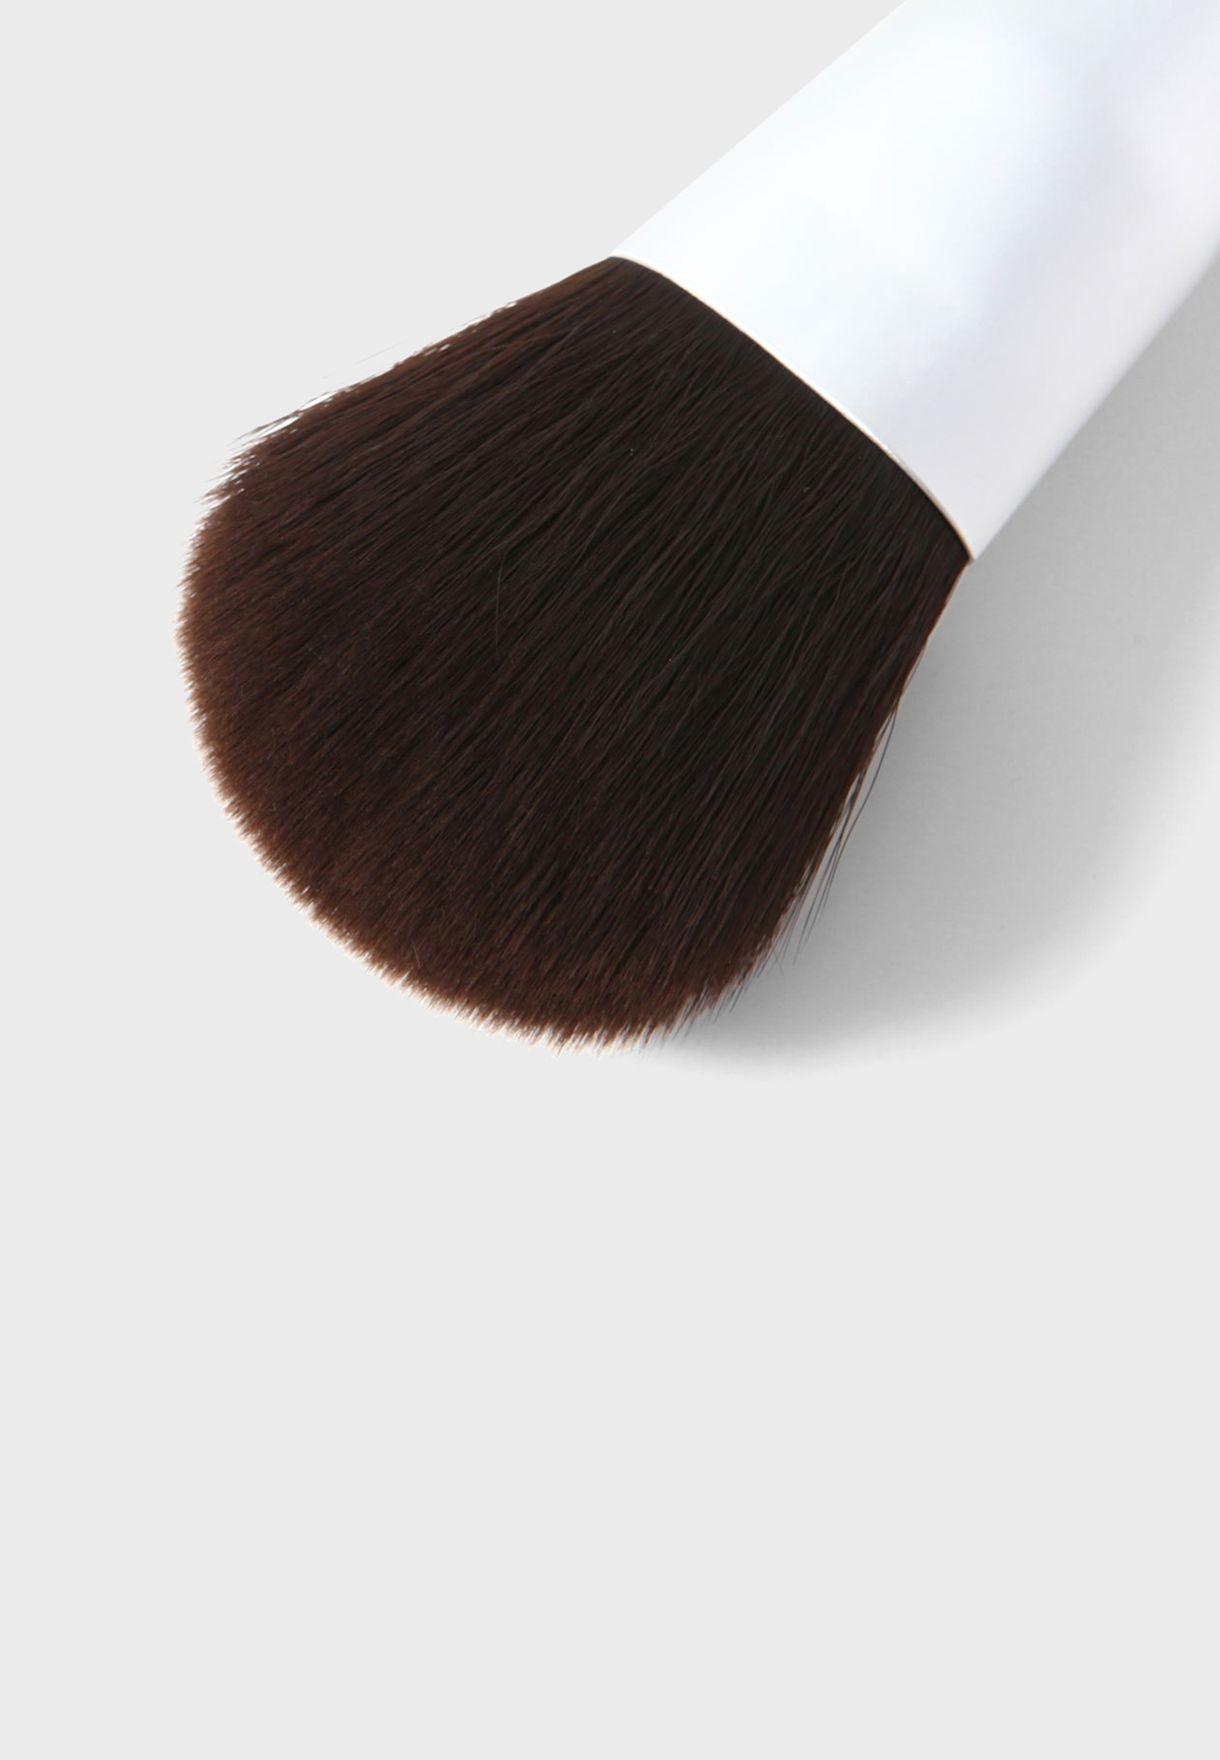 Face Brush - 168Mm